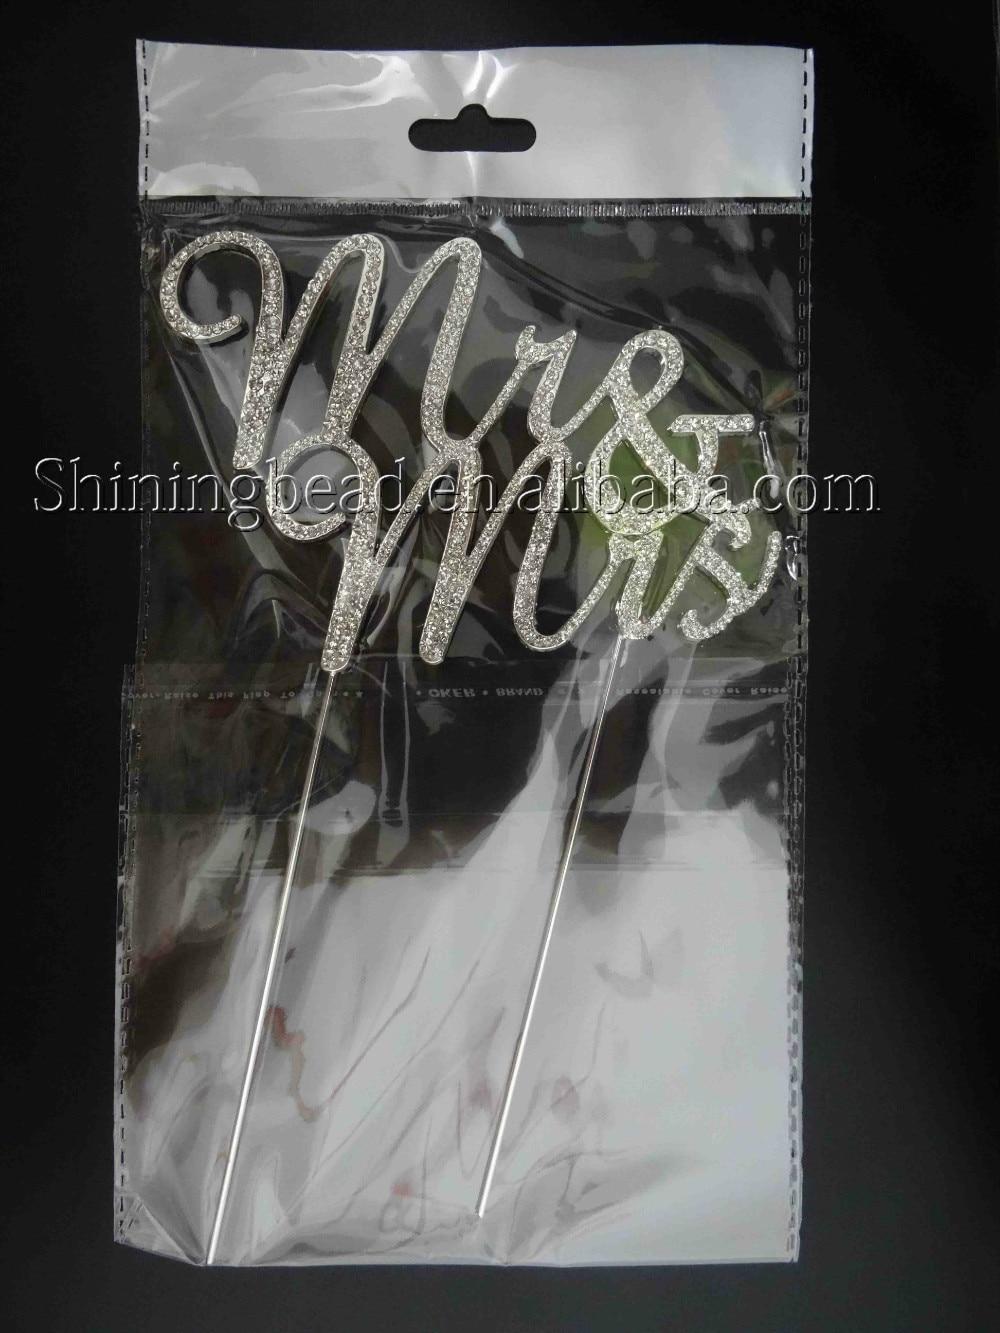 Mr & Mrs crystal rhinestone cake topper voor huwelijksverjaardag, - Feestversiering en feestartikelen - Foto 5